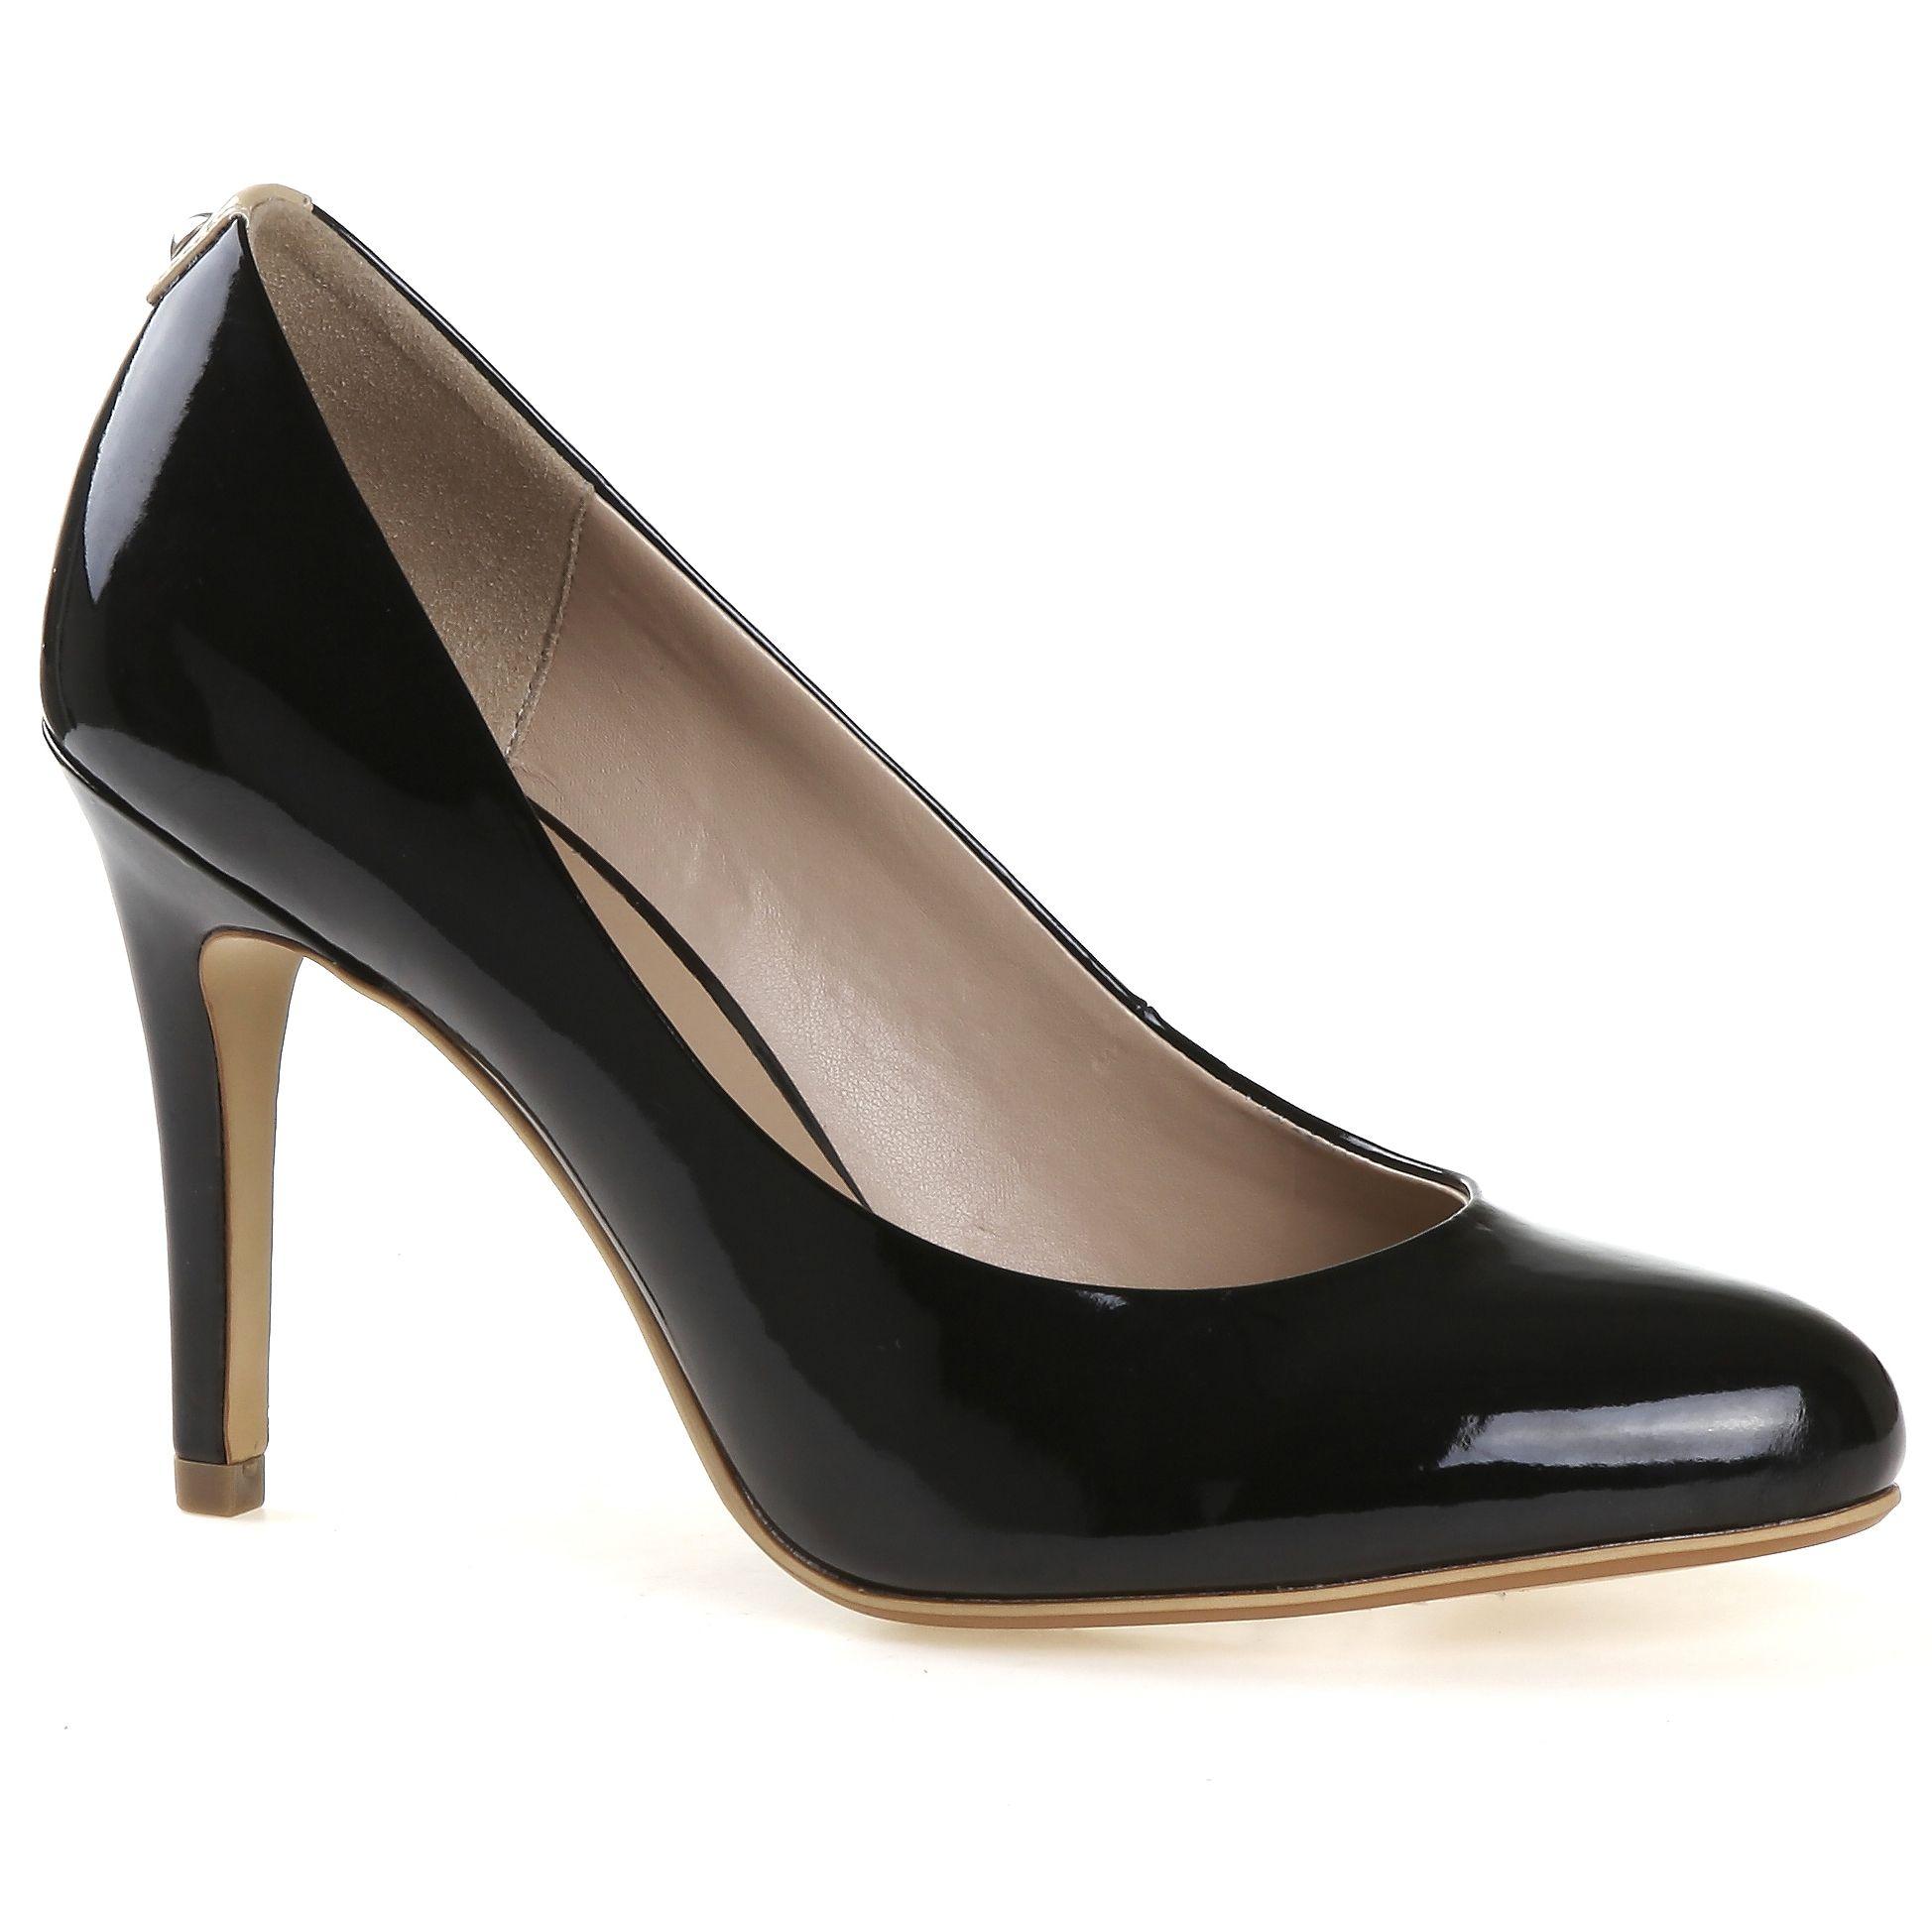 Pantofi Bata Heels Shoes Pumps